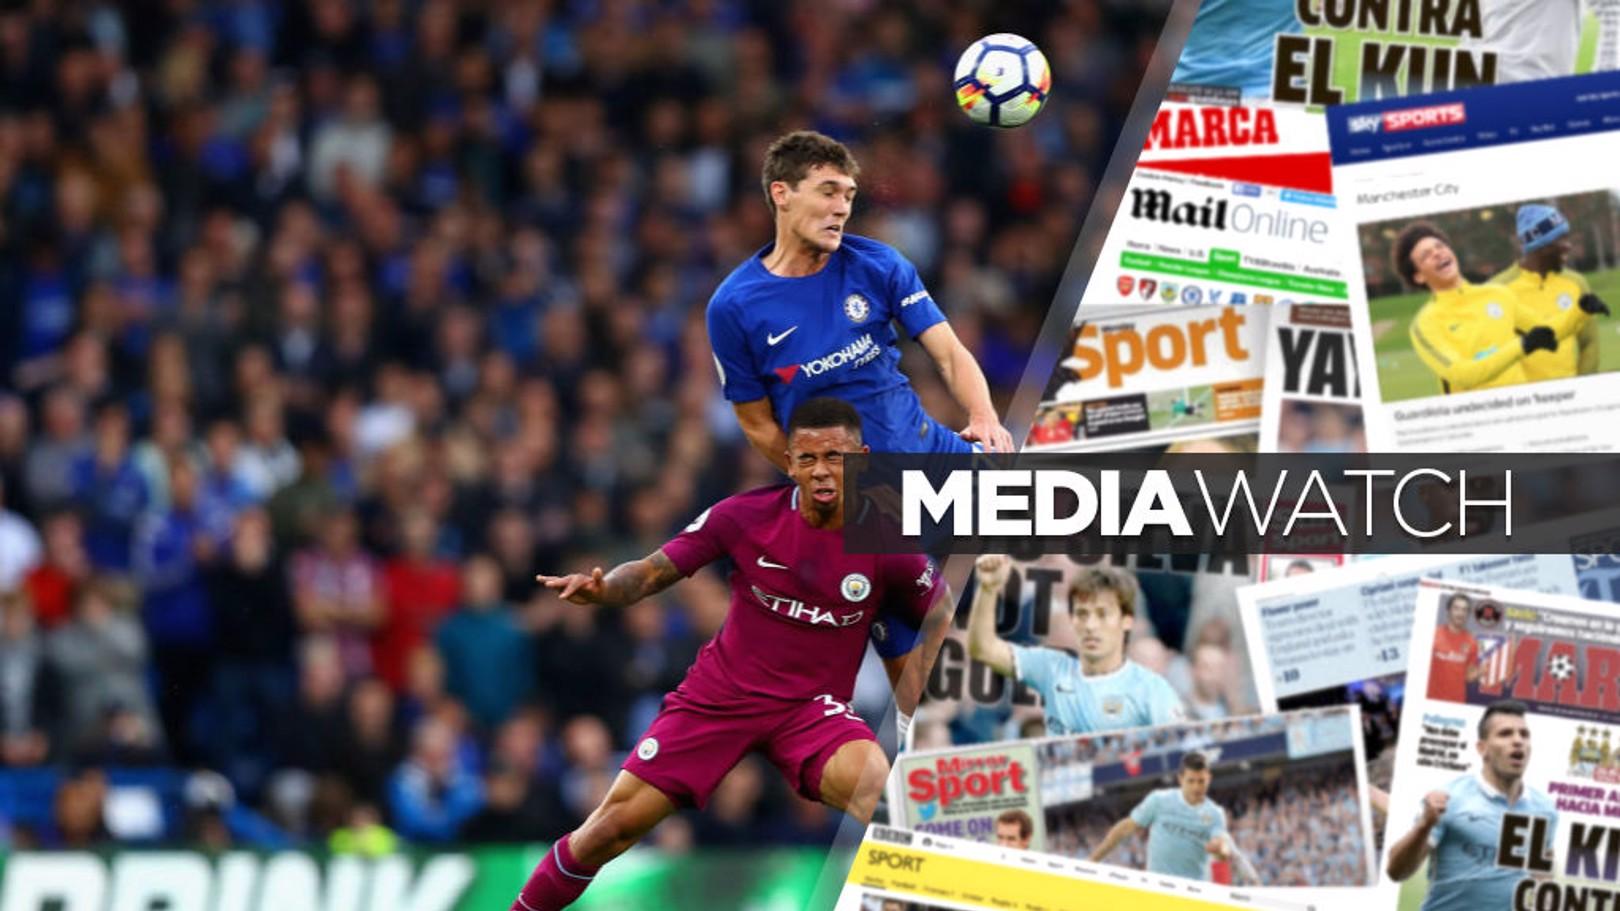 صحف الأربعاء ربطت مانشستر سيتي بثنائي الدوري الإنجليزي الممتاز